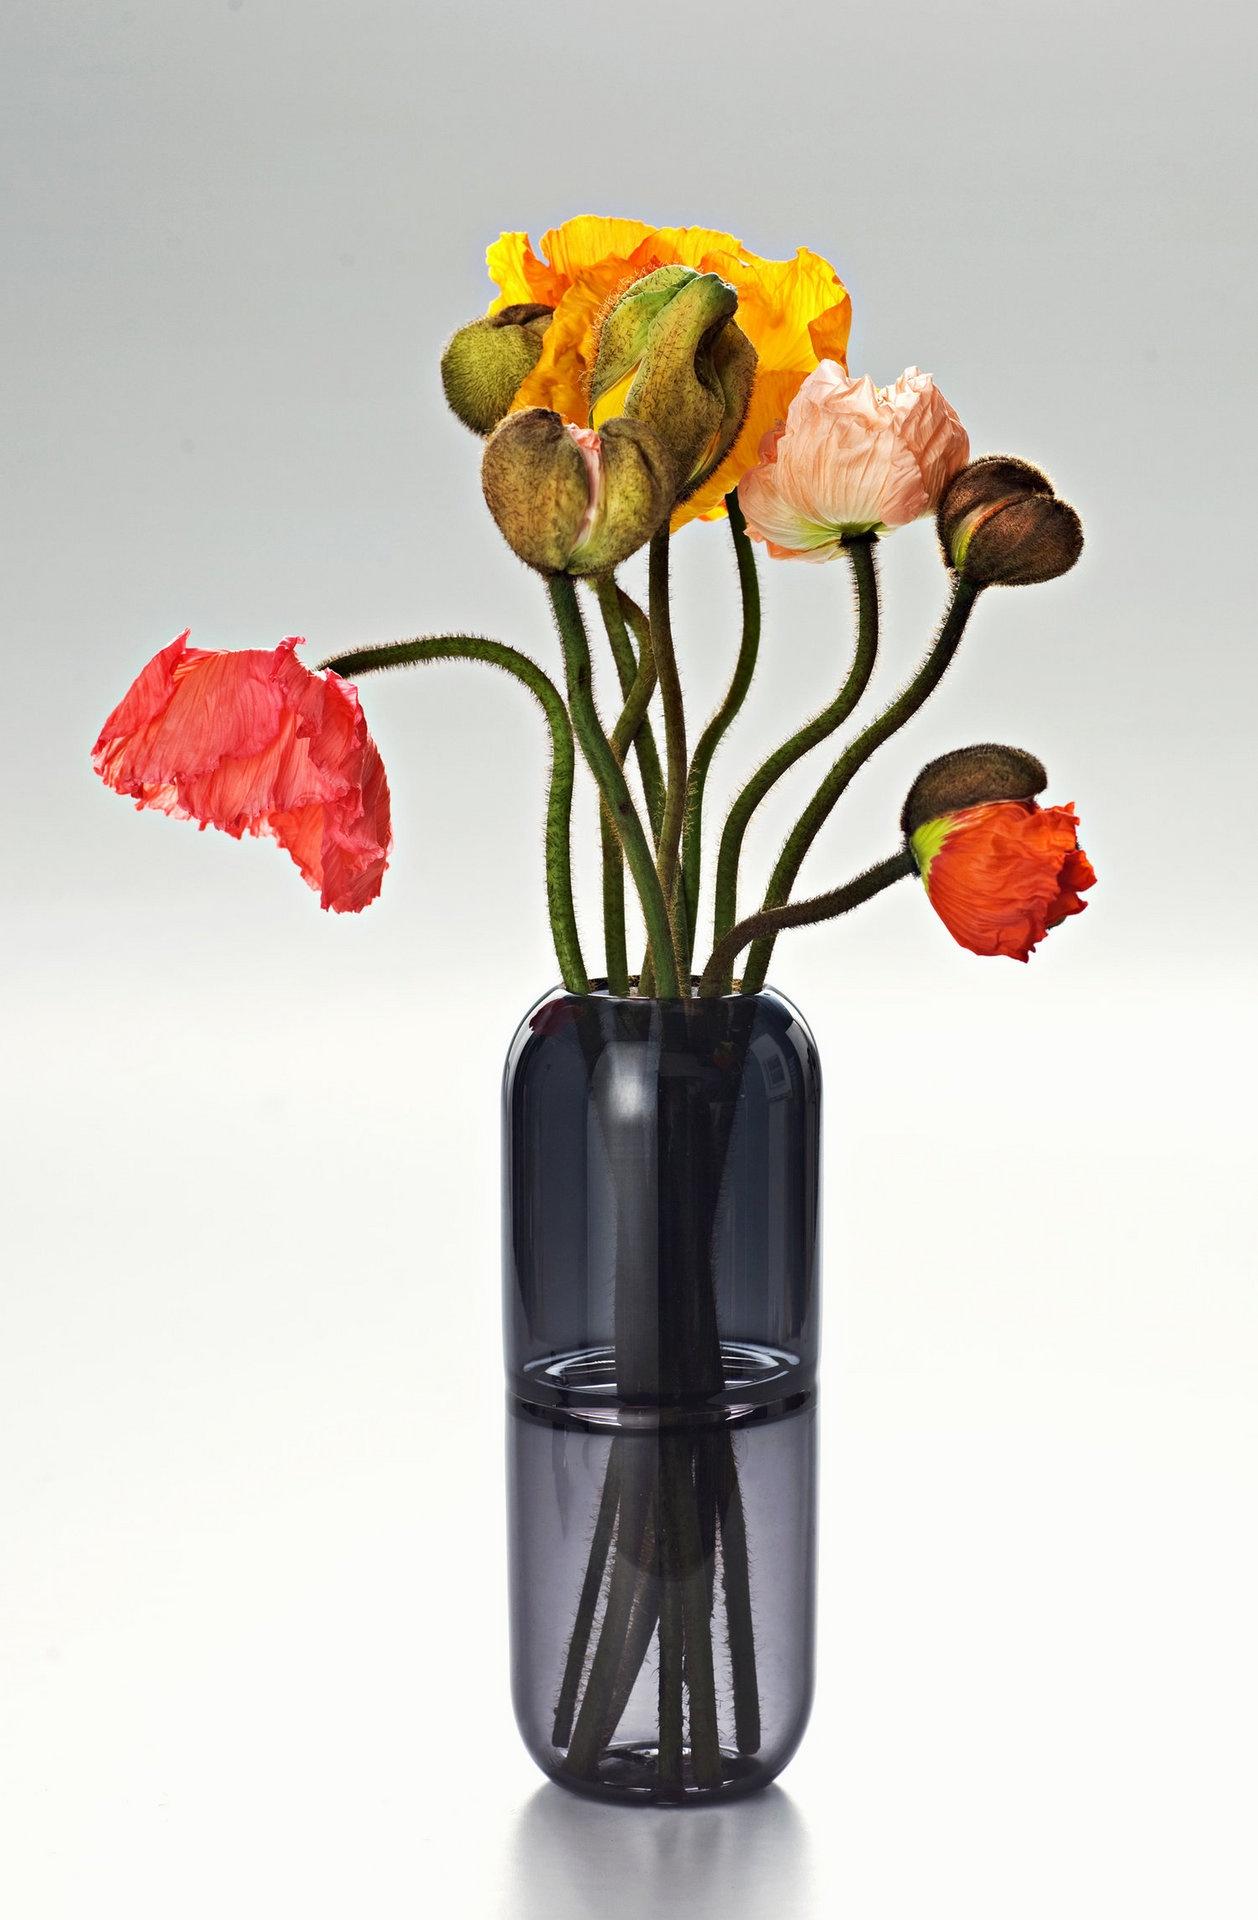 The Sugarpill Vase